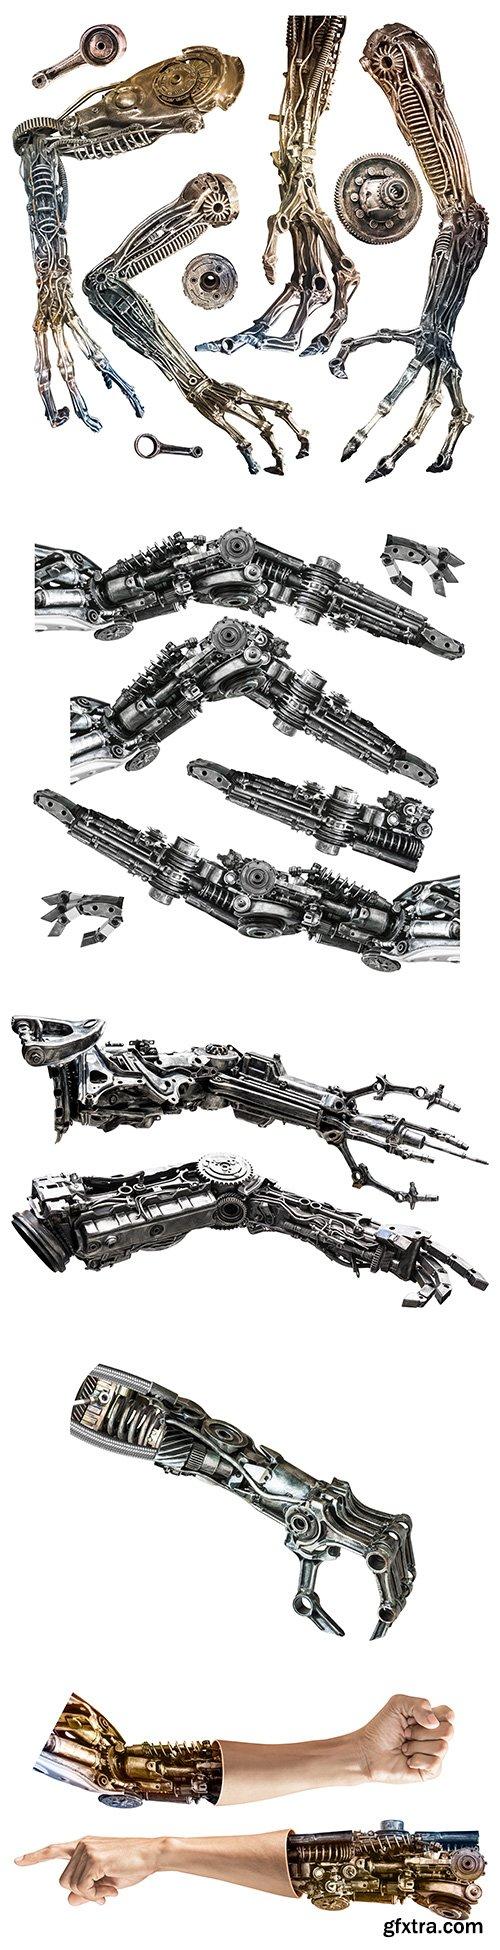 Metallic Robot Hand Isolated - 10xJPGs